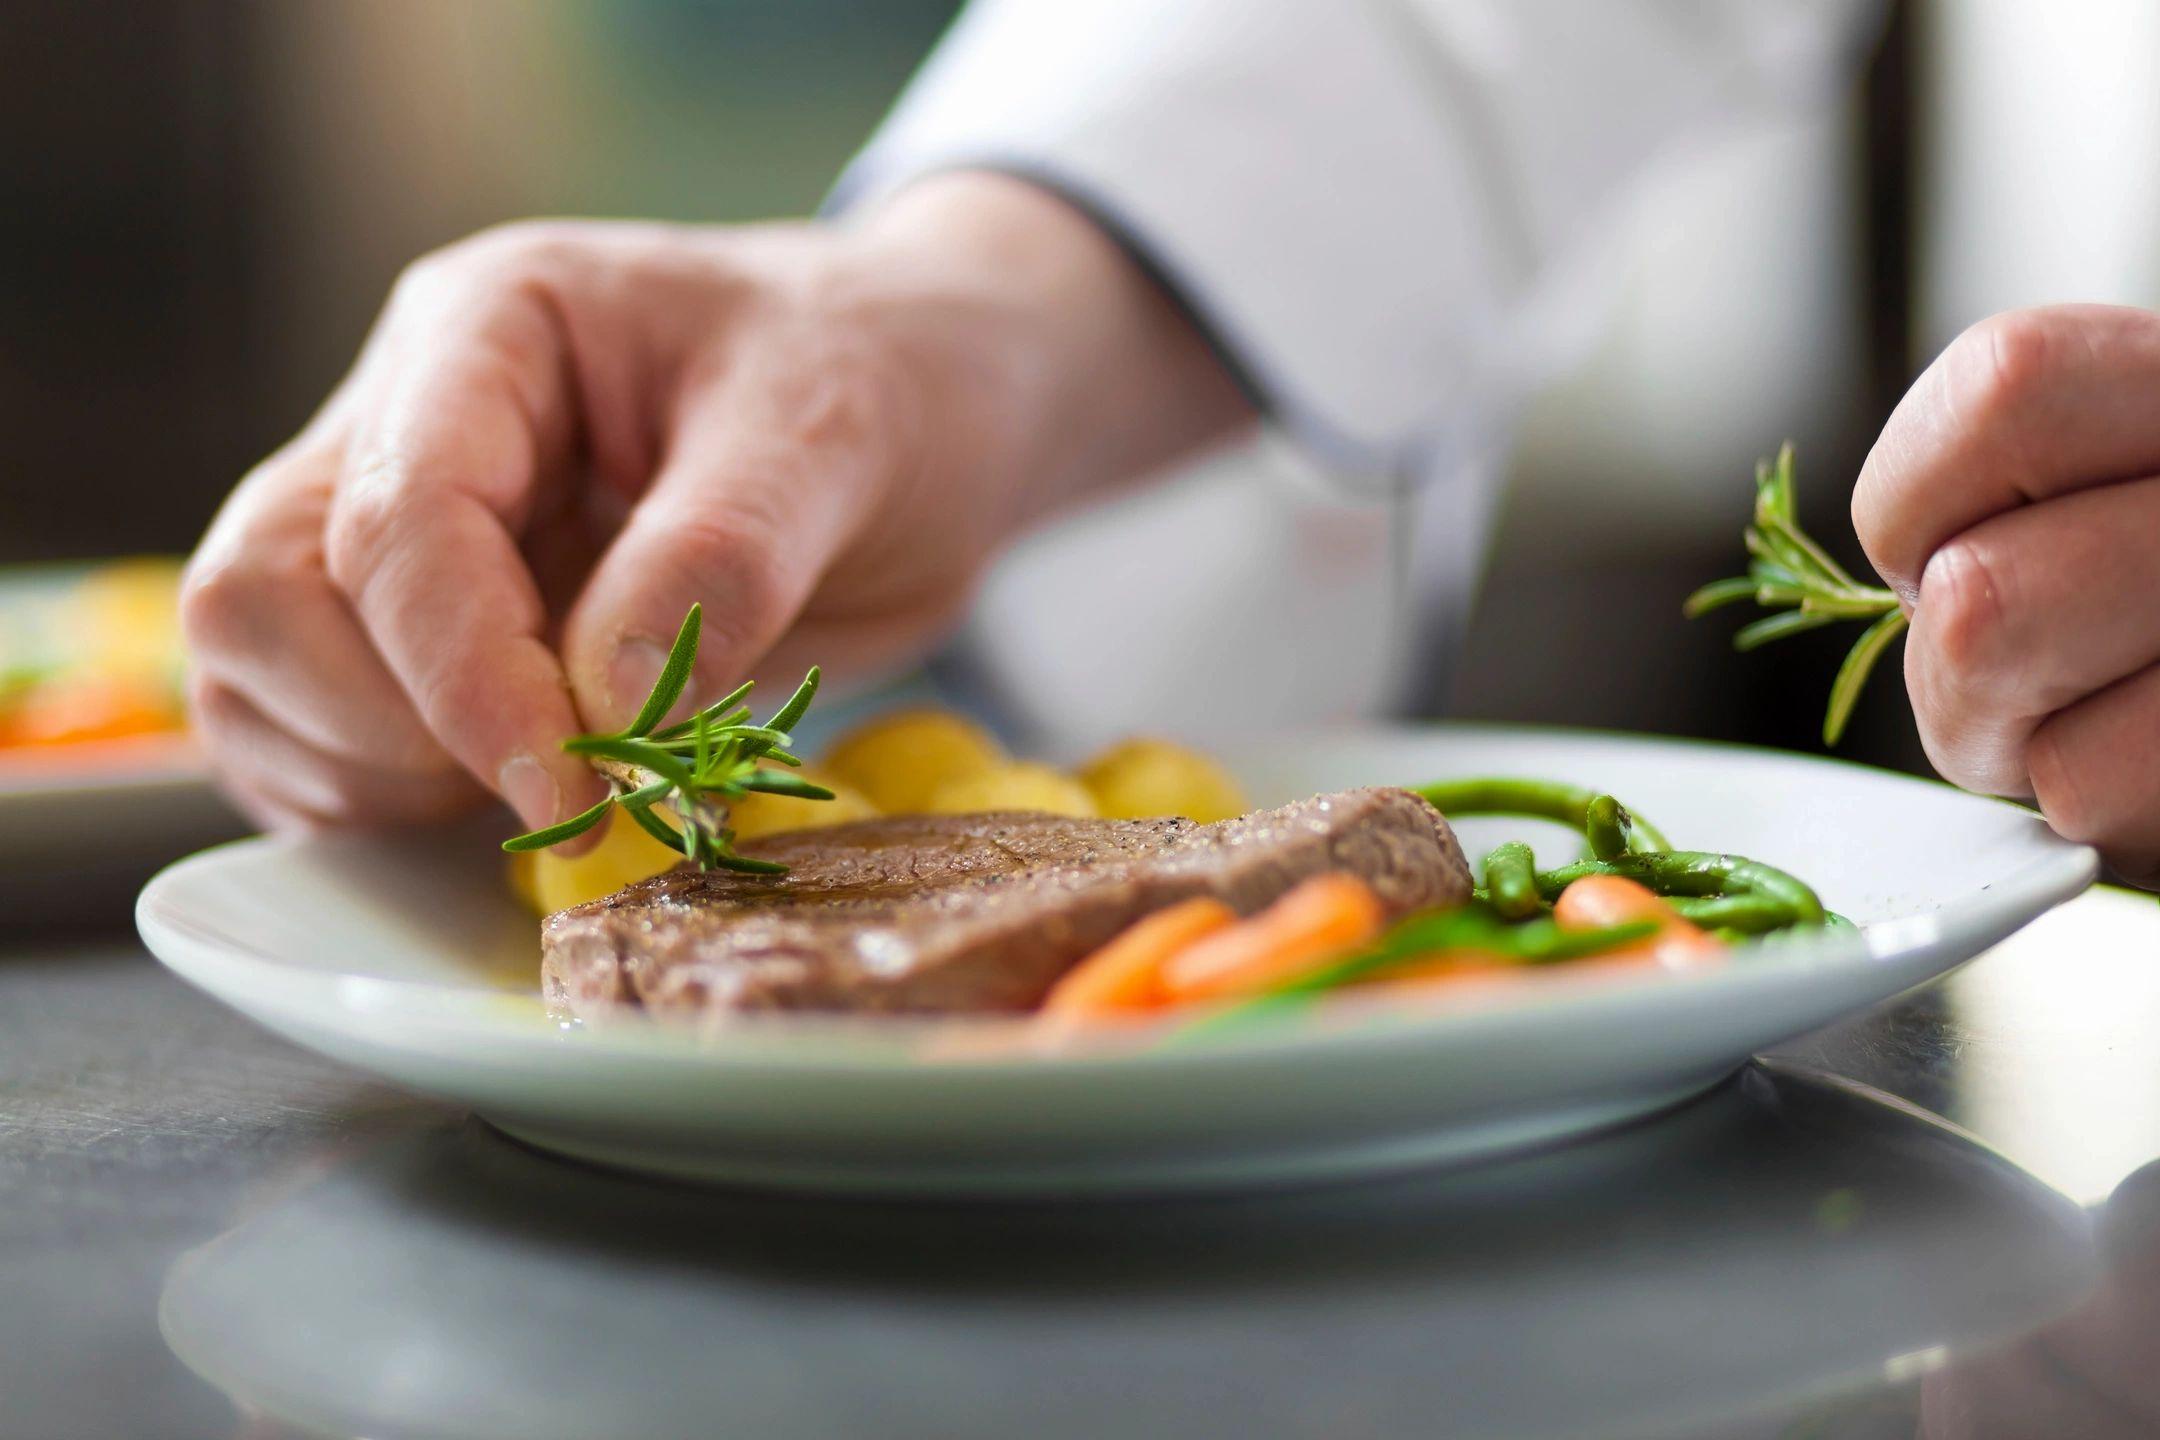 「食力」植物肉比真肉營養嗎?小心掉入這4個迷思!